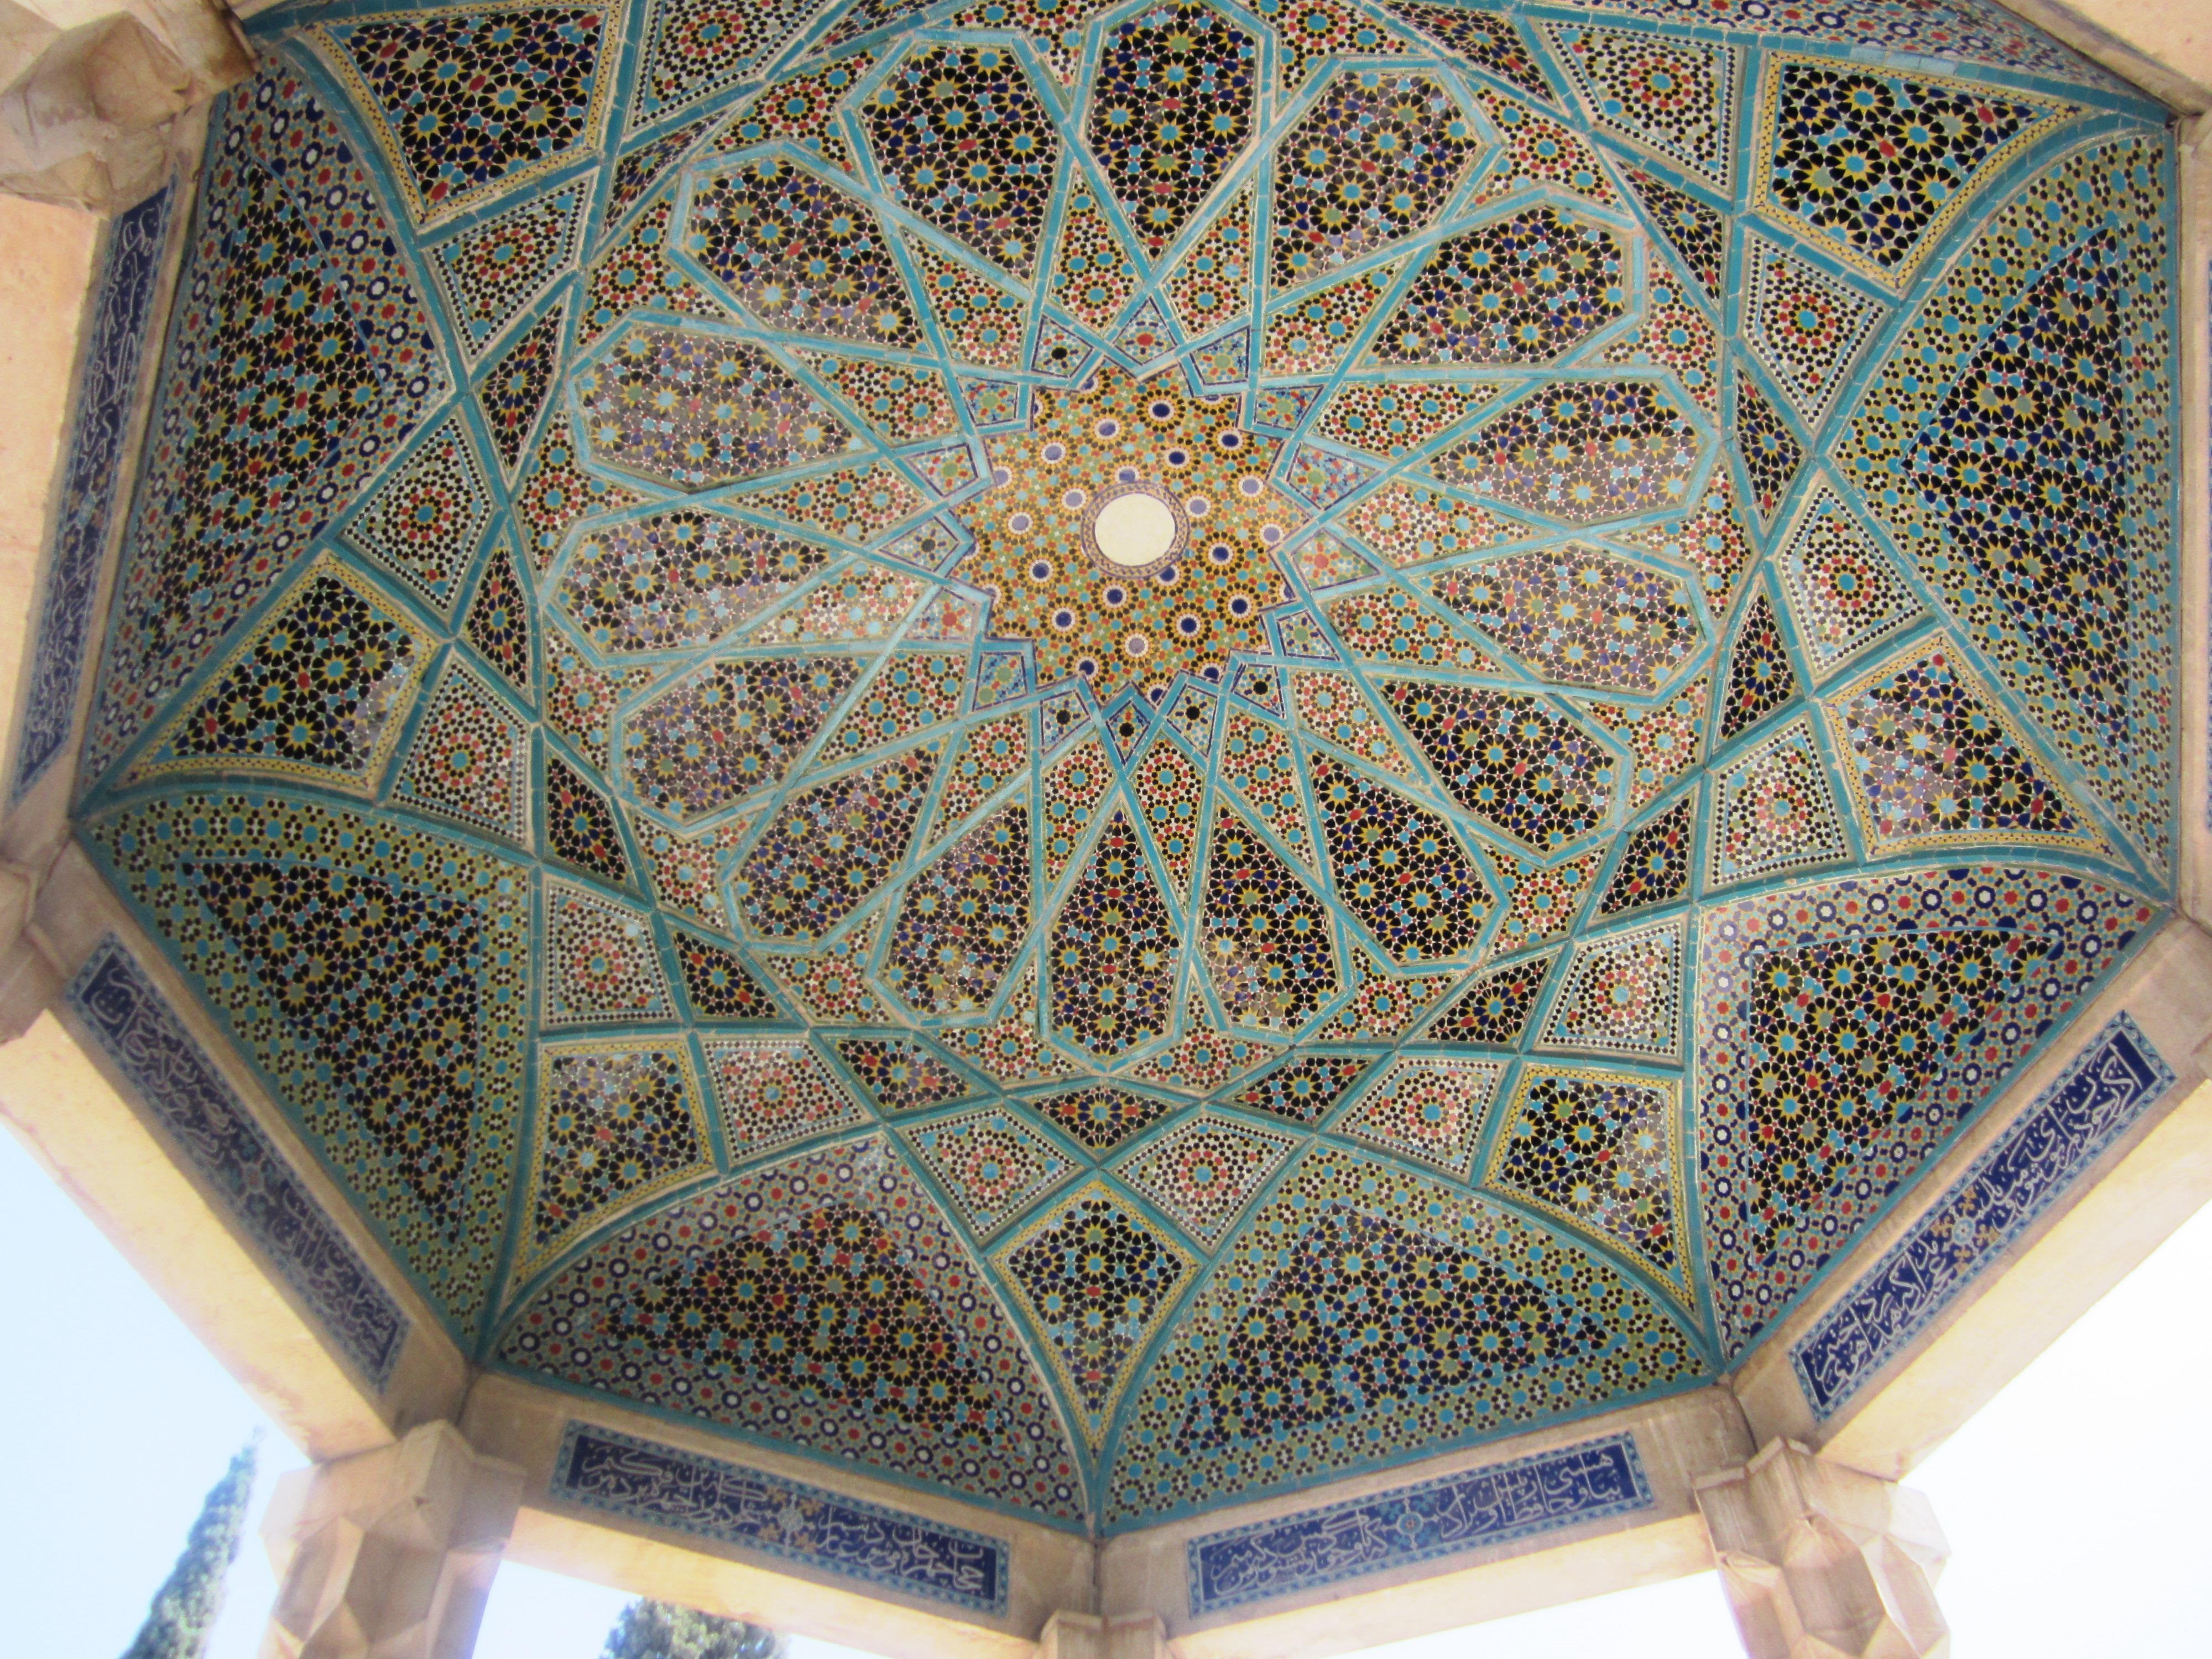 tomb-of-hafez